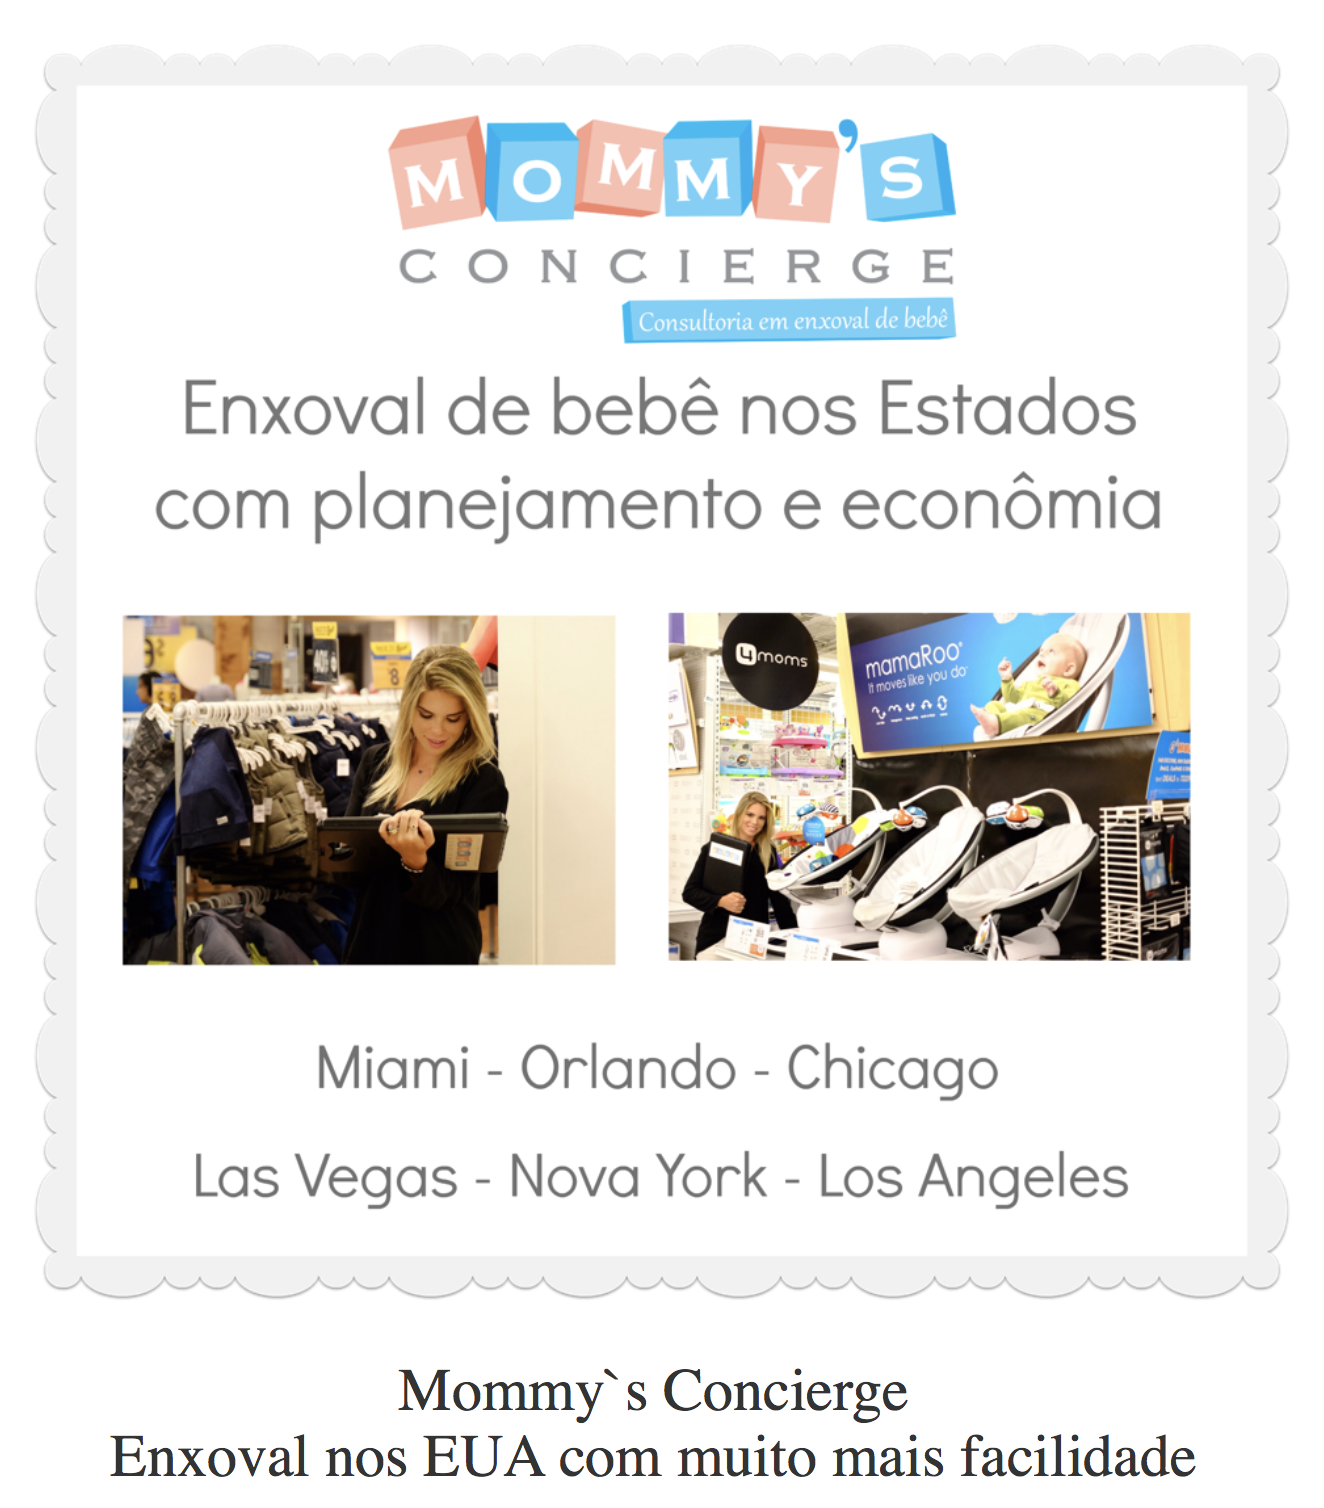 Na mídia: Mommy's Concierge no blog Roteiro Baby